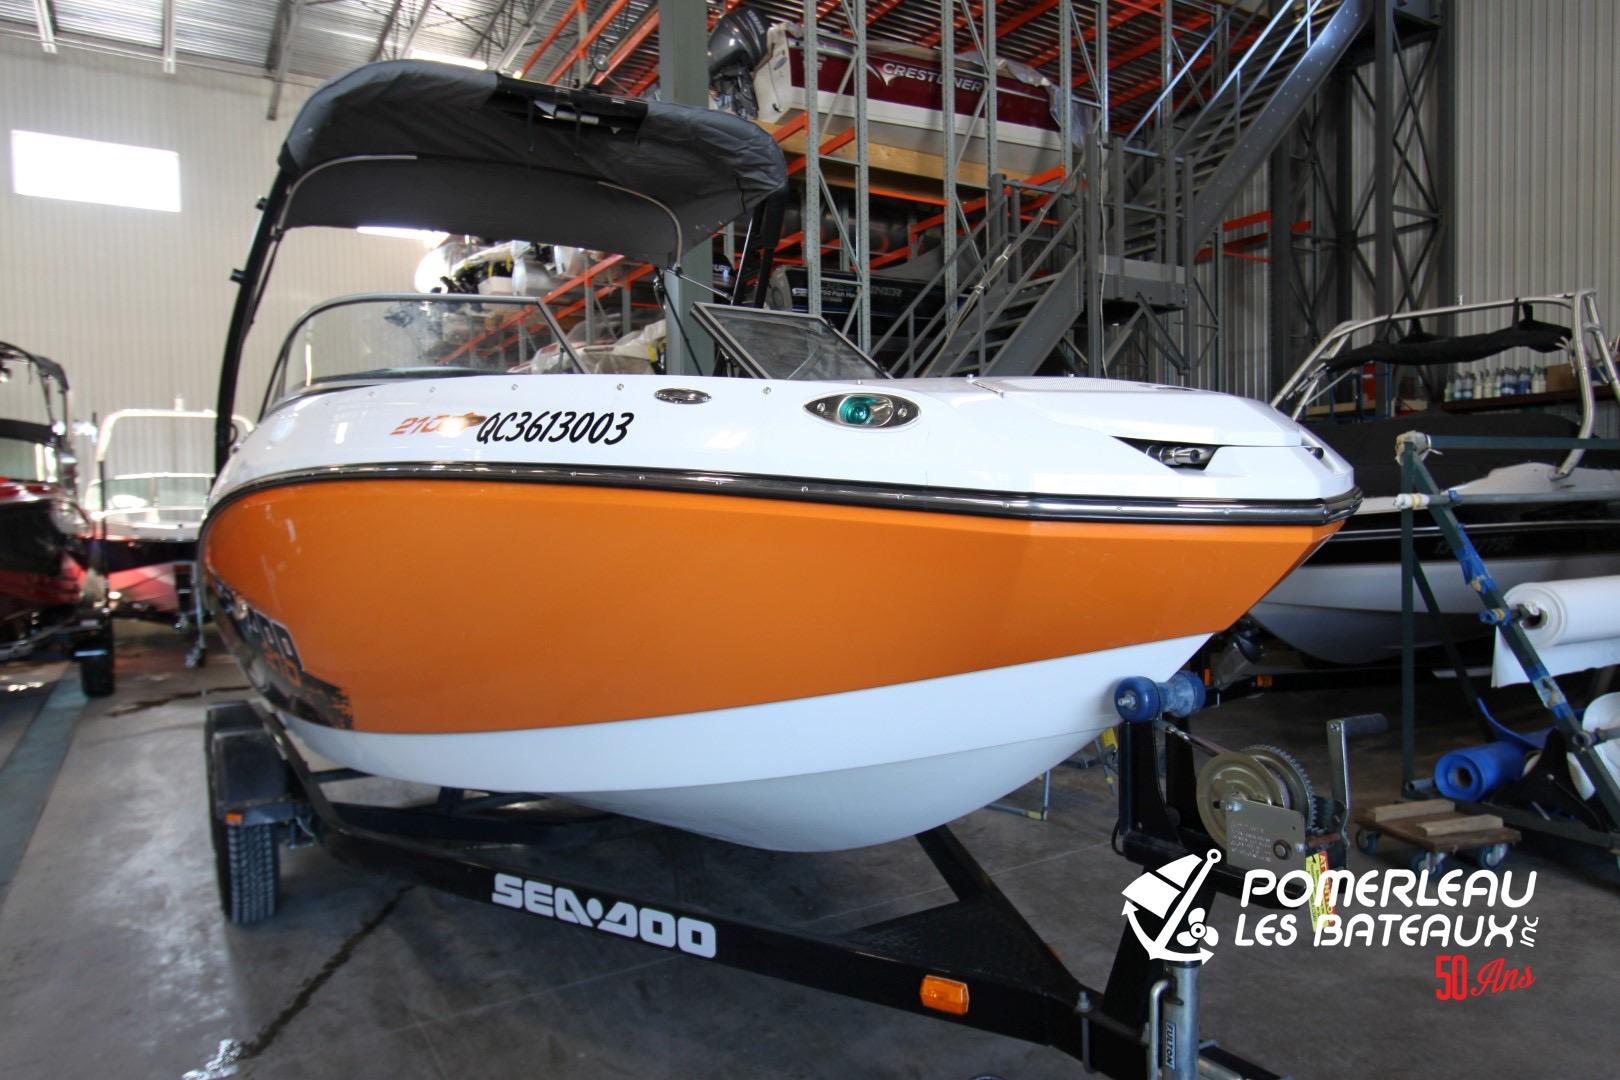 BRP Sea doo Challenger 210 - IMG_7854